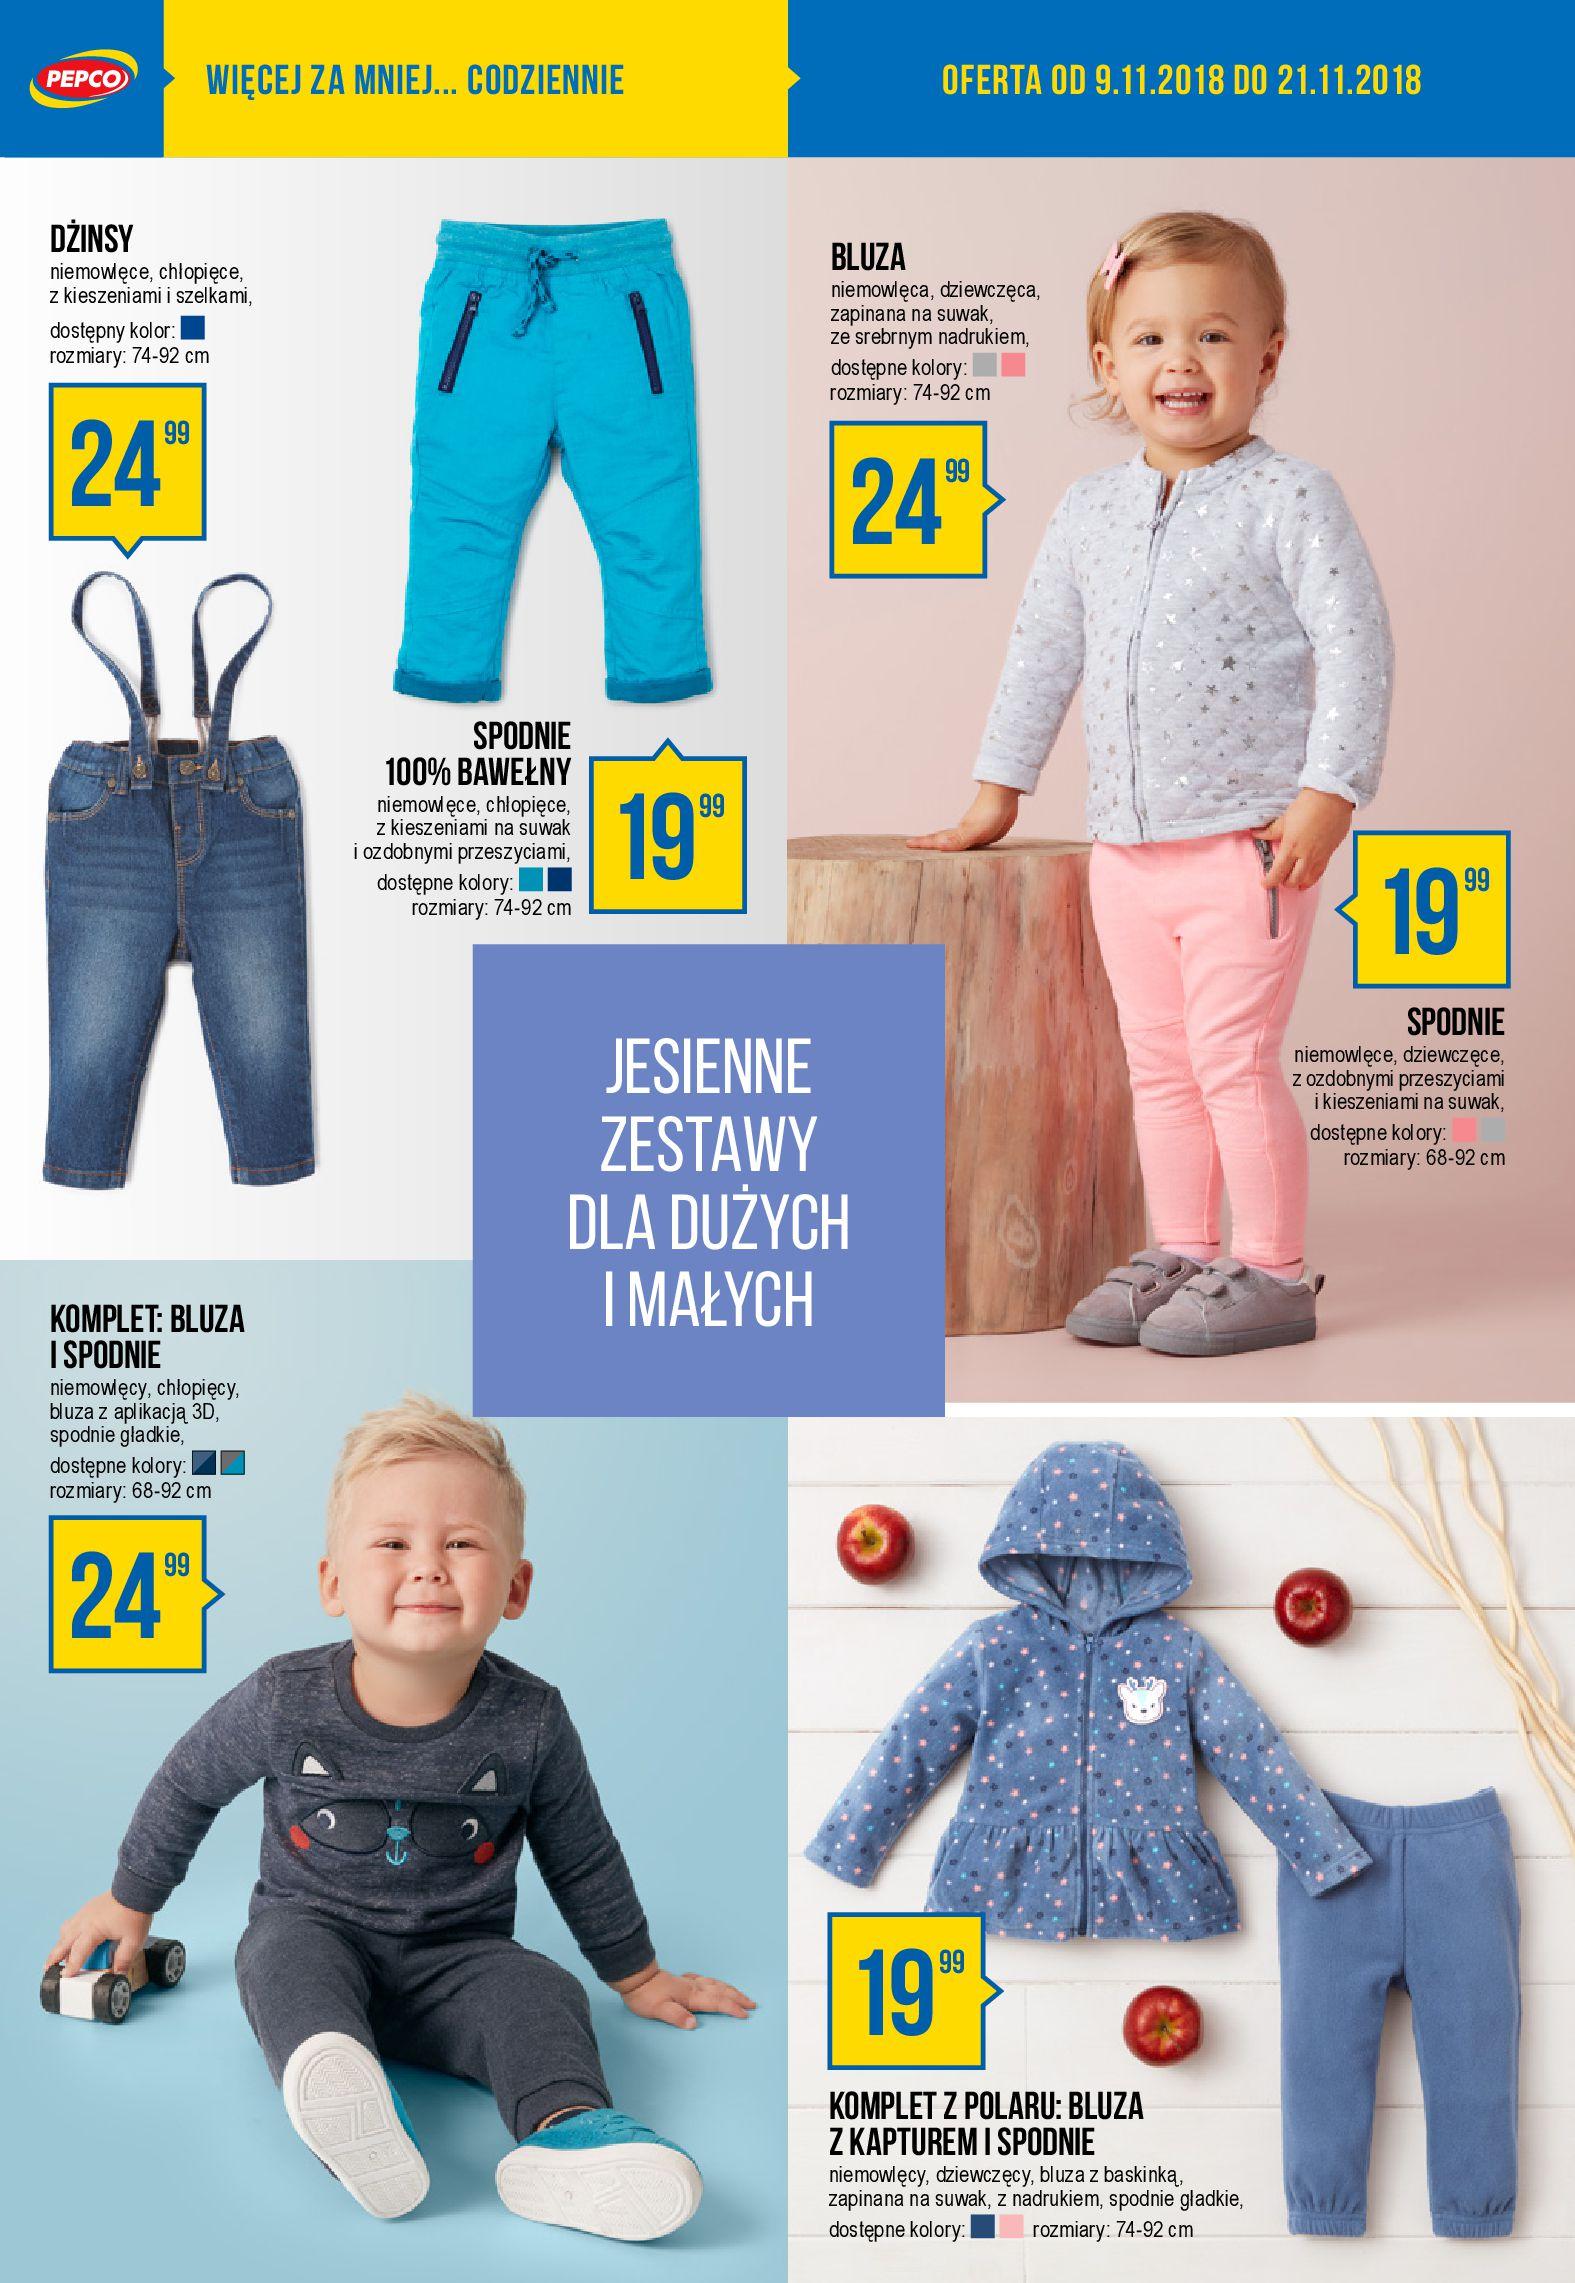 Gazetka Pepco - Baw się modą w chłodne dni za mniej niż myślisz!-07.11.2018-21.11.2018-page-